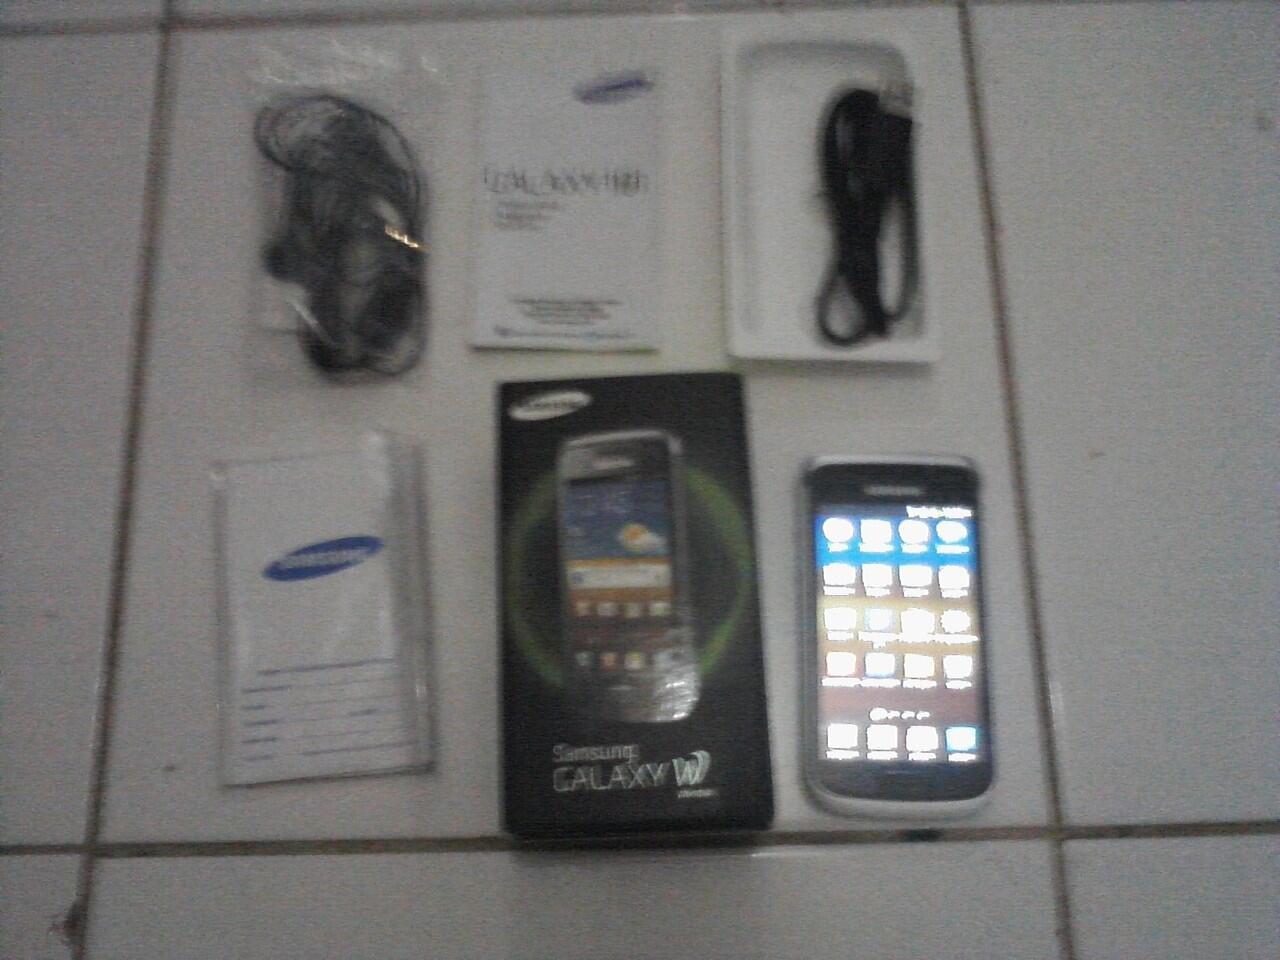 Samsung Galaxy Wonder GT-I8150 Loc. Depok